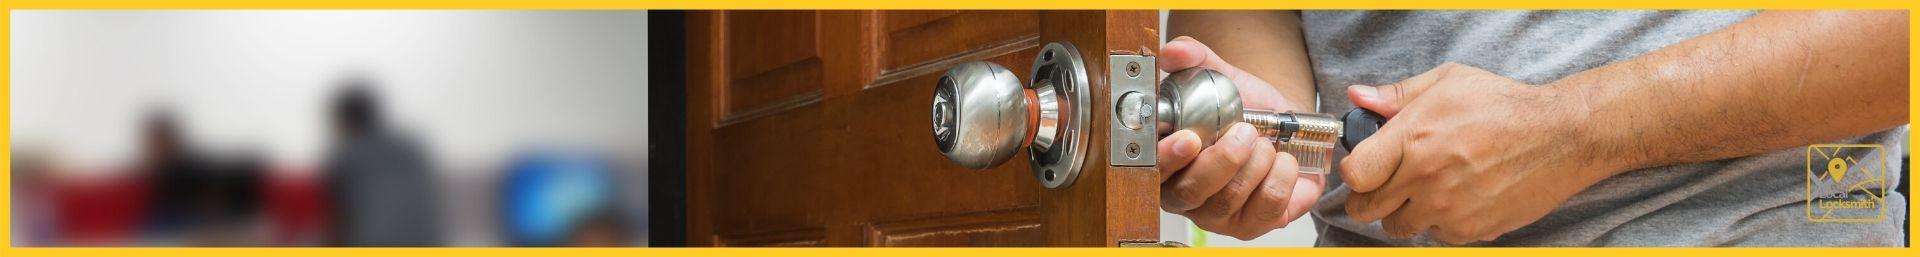 Local Locksmith MA locksmith mission hill ma